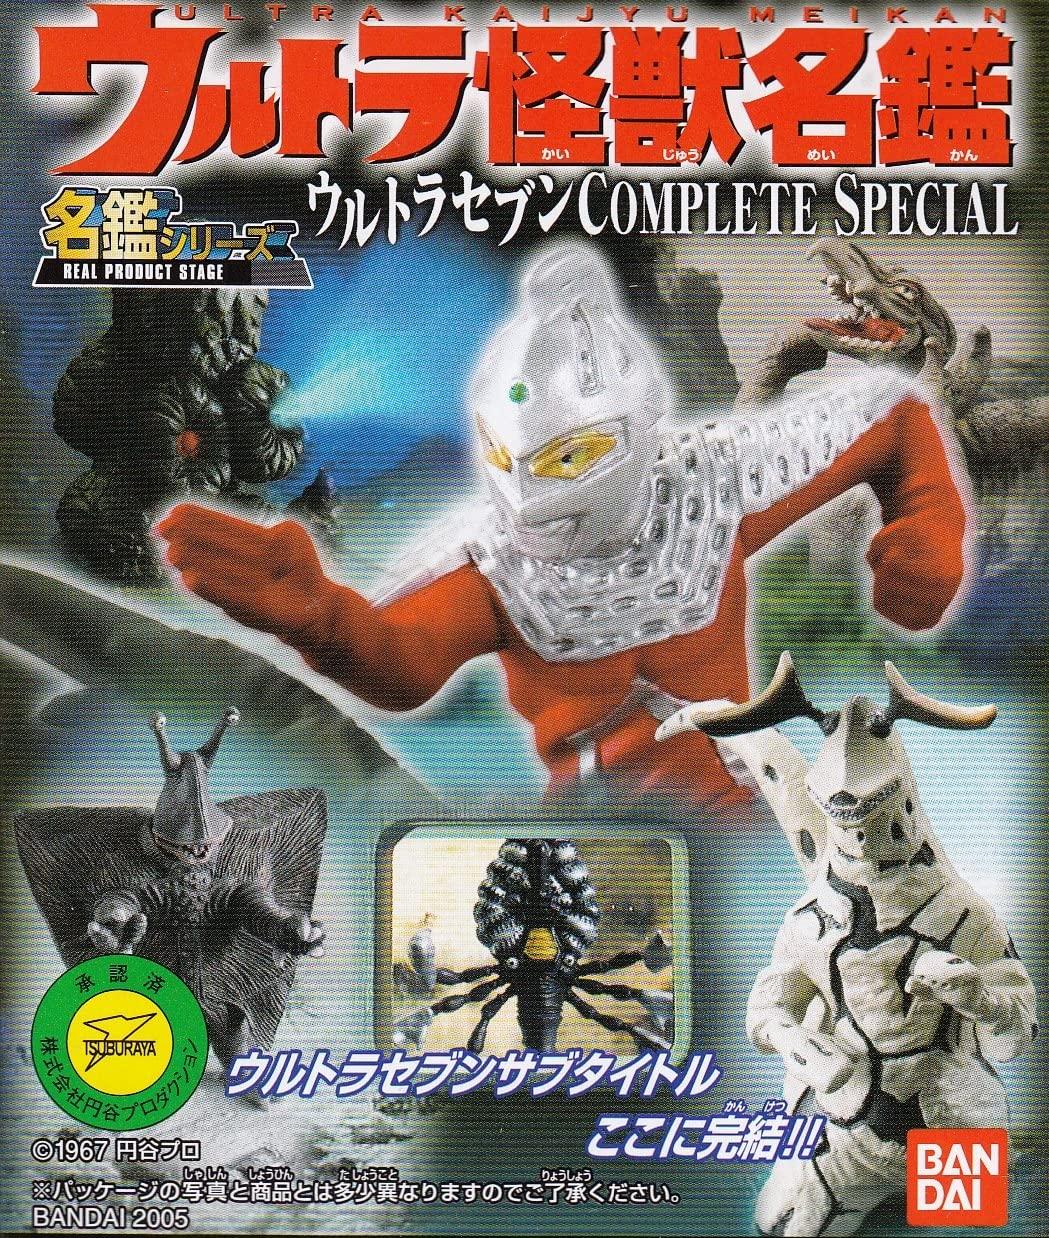 ウルトラ怪獣名鑑 ウルトラセブン COMPLETE SP 10種セット